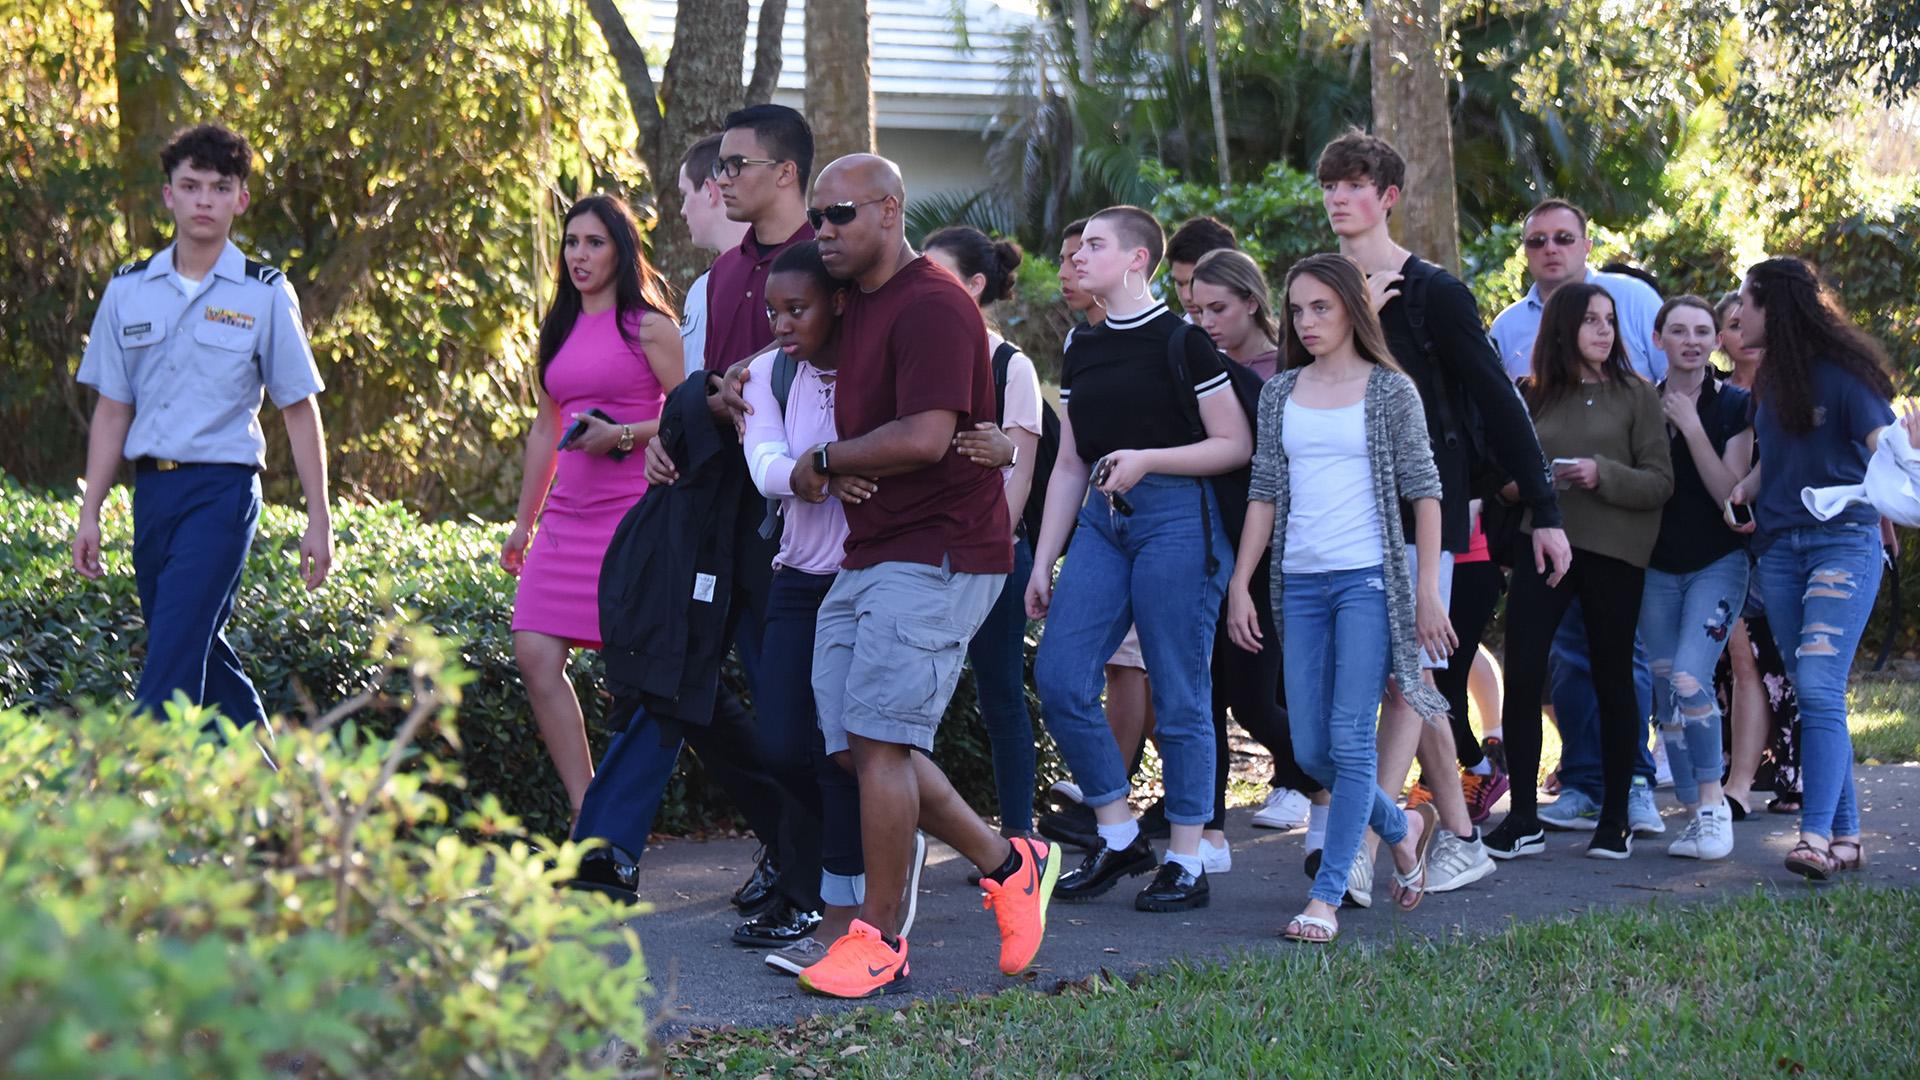 Varios estudiantes son escoltados a una zona segura luego del incidente. (AFP)